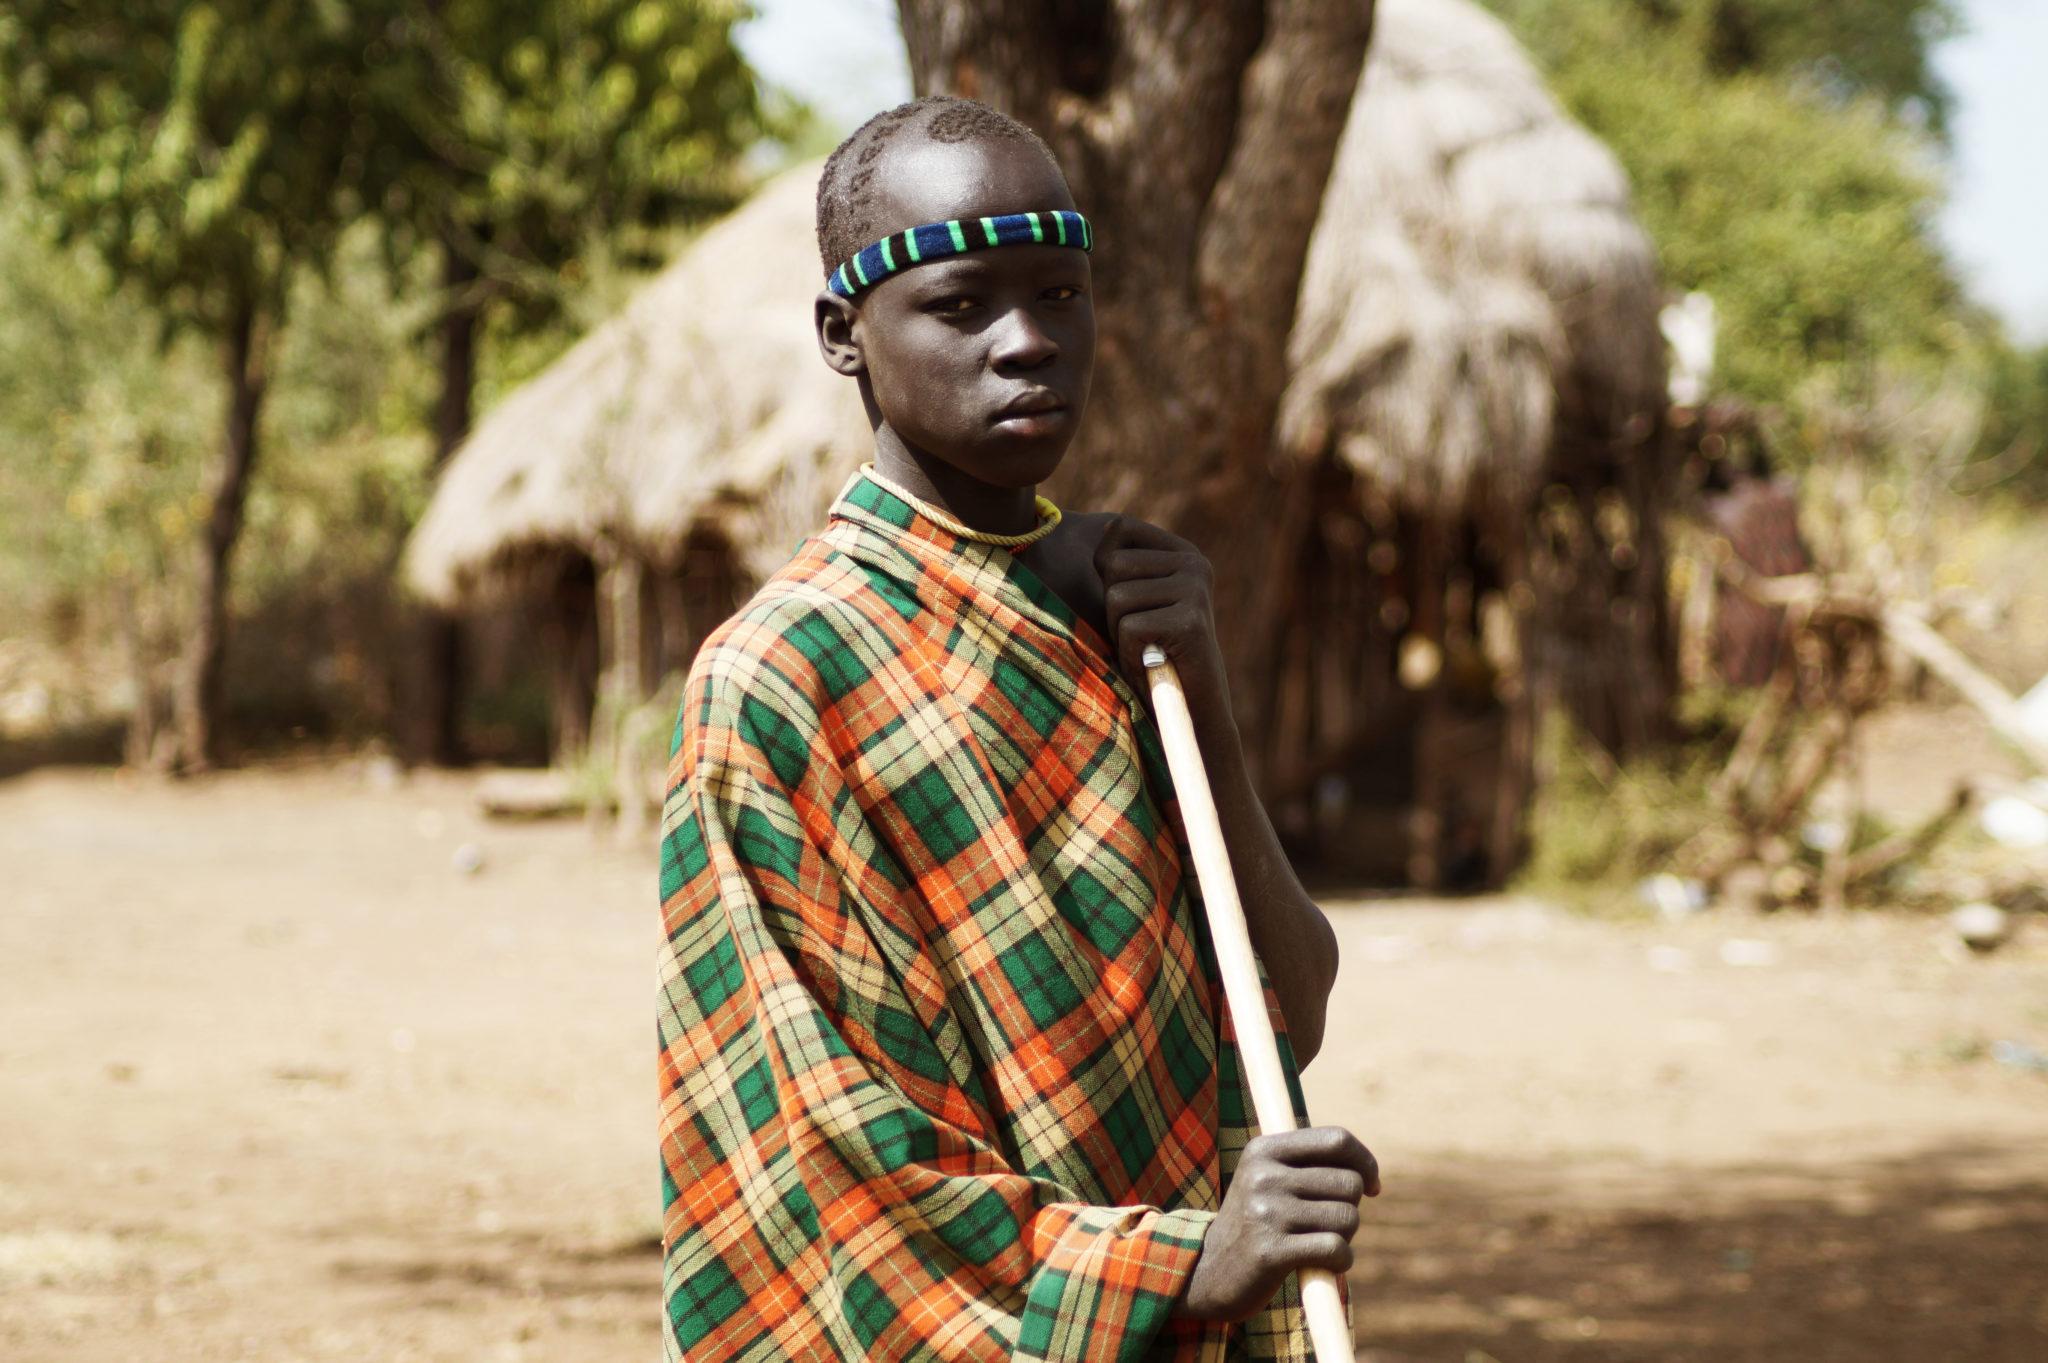 mursi-volk-aethiopien-junge-krieger